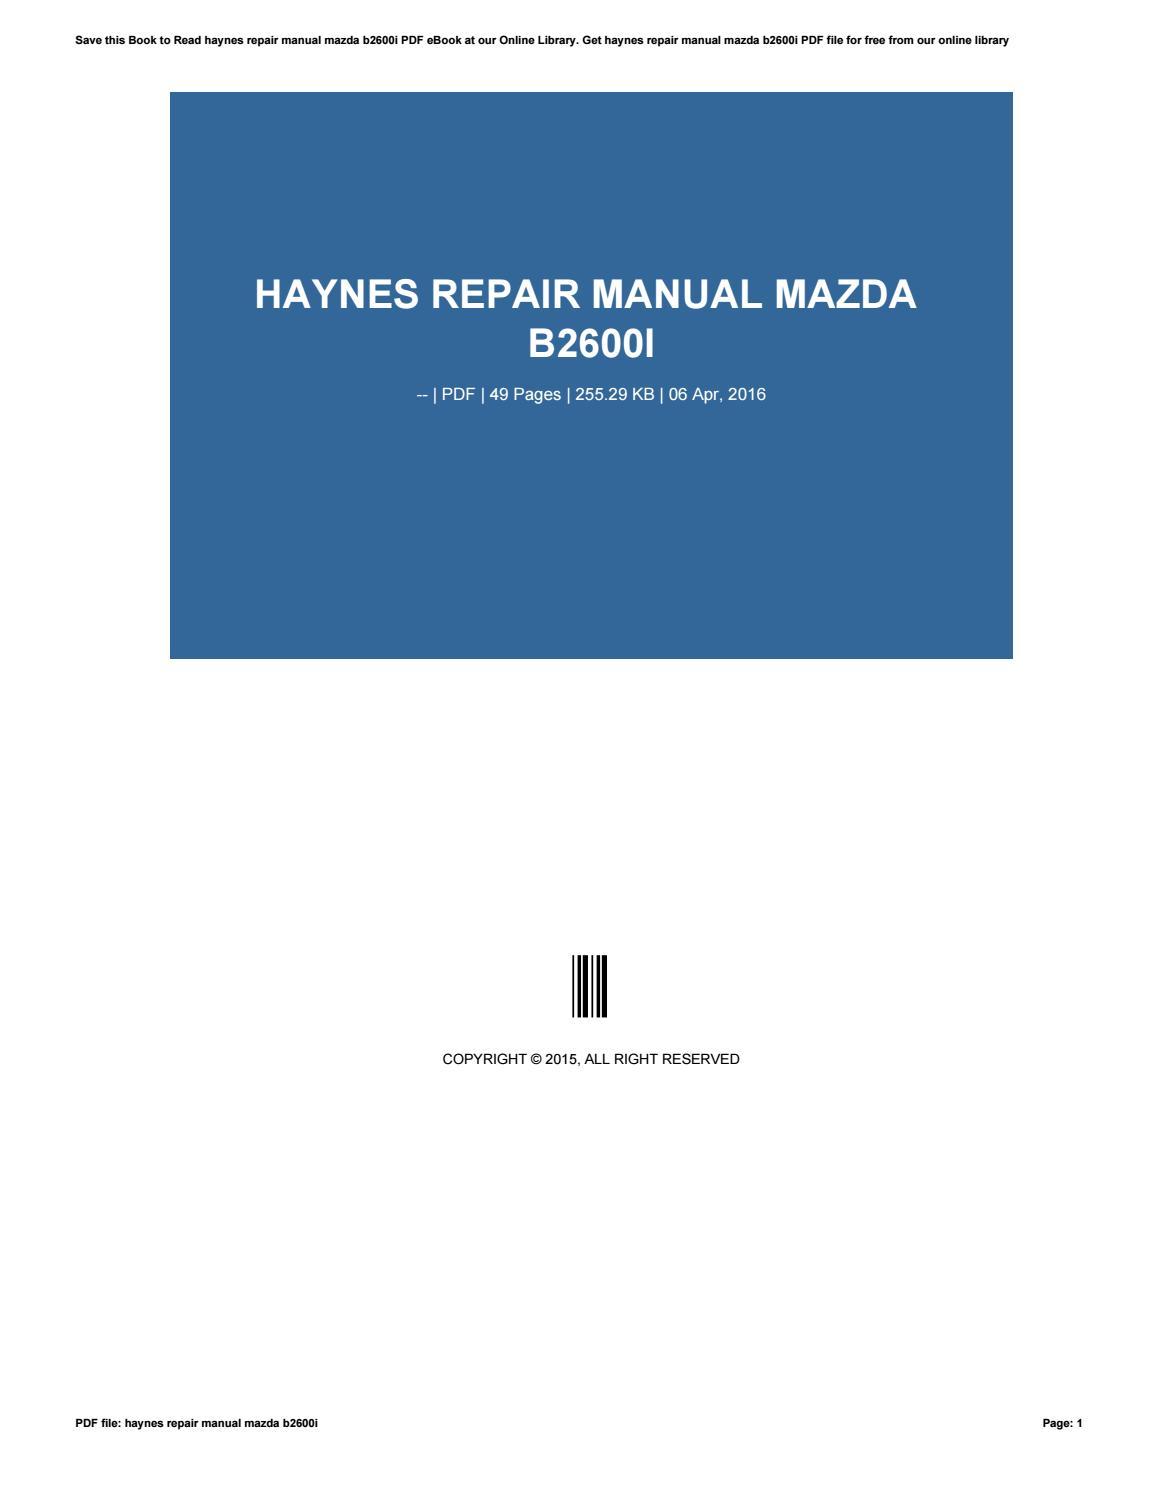 haynes repair manual mazda b2600i by rblx61 issuu rh issuu com Haynes Repair Manual Online View Auto Repair Manuals Online